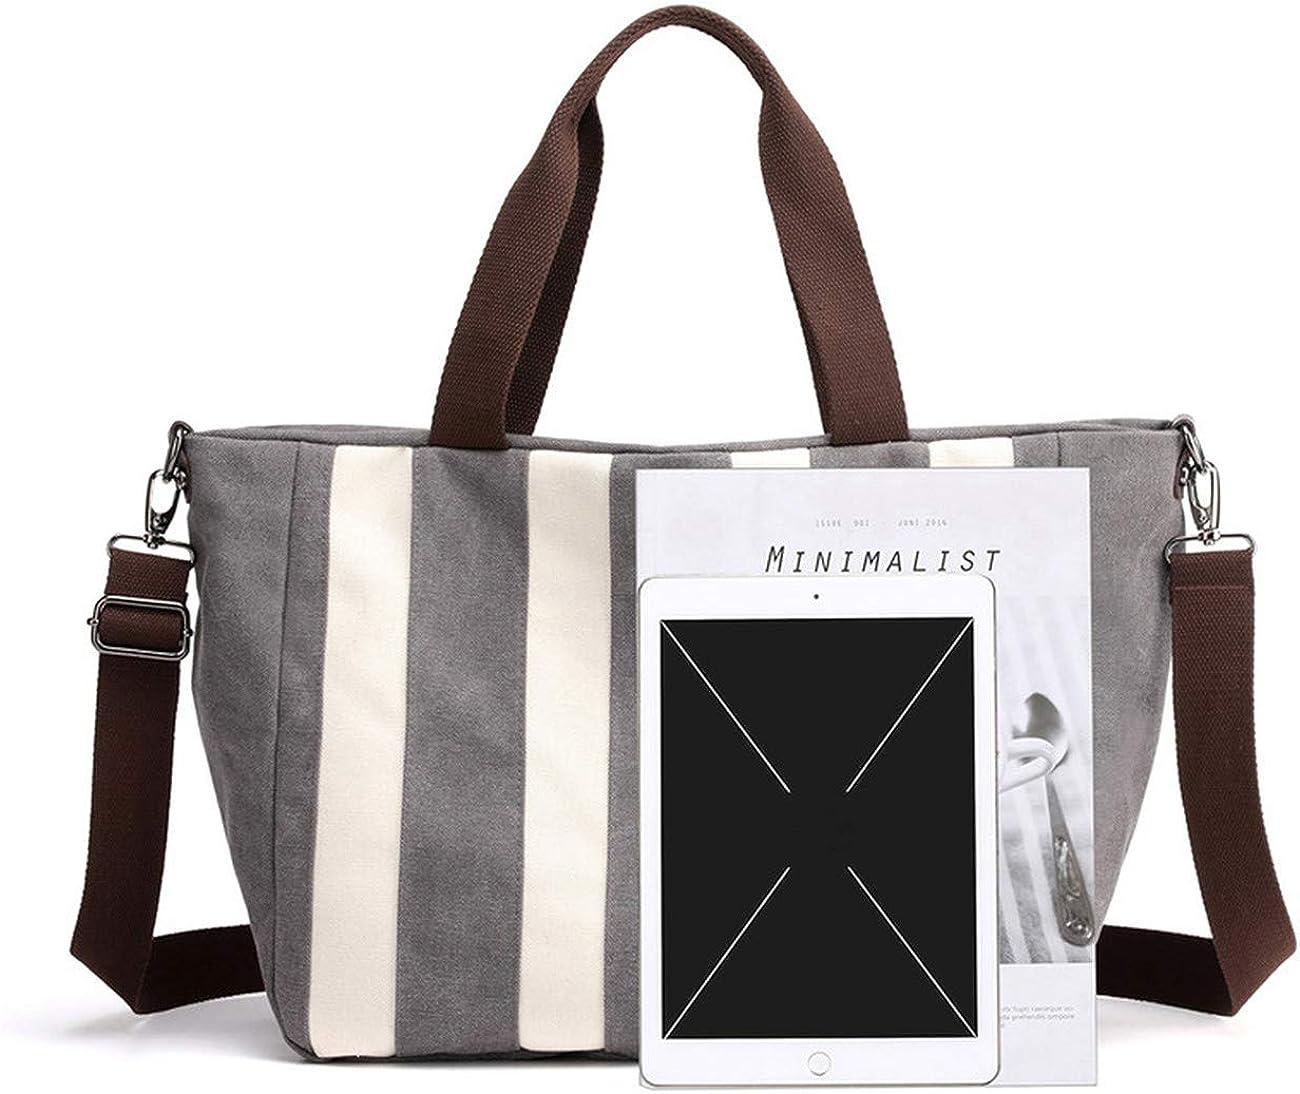 PageHar Couleur unie sac à main grande capacité zipper sac à main pour dame épaule bleue sac à bandoulière en cuir casual sac 33 Kk